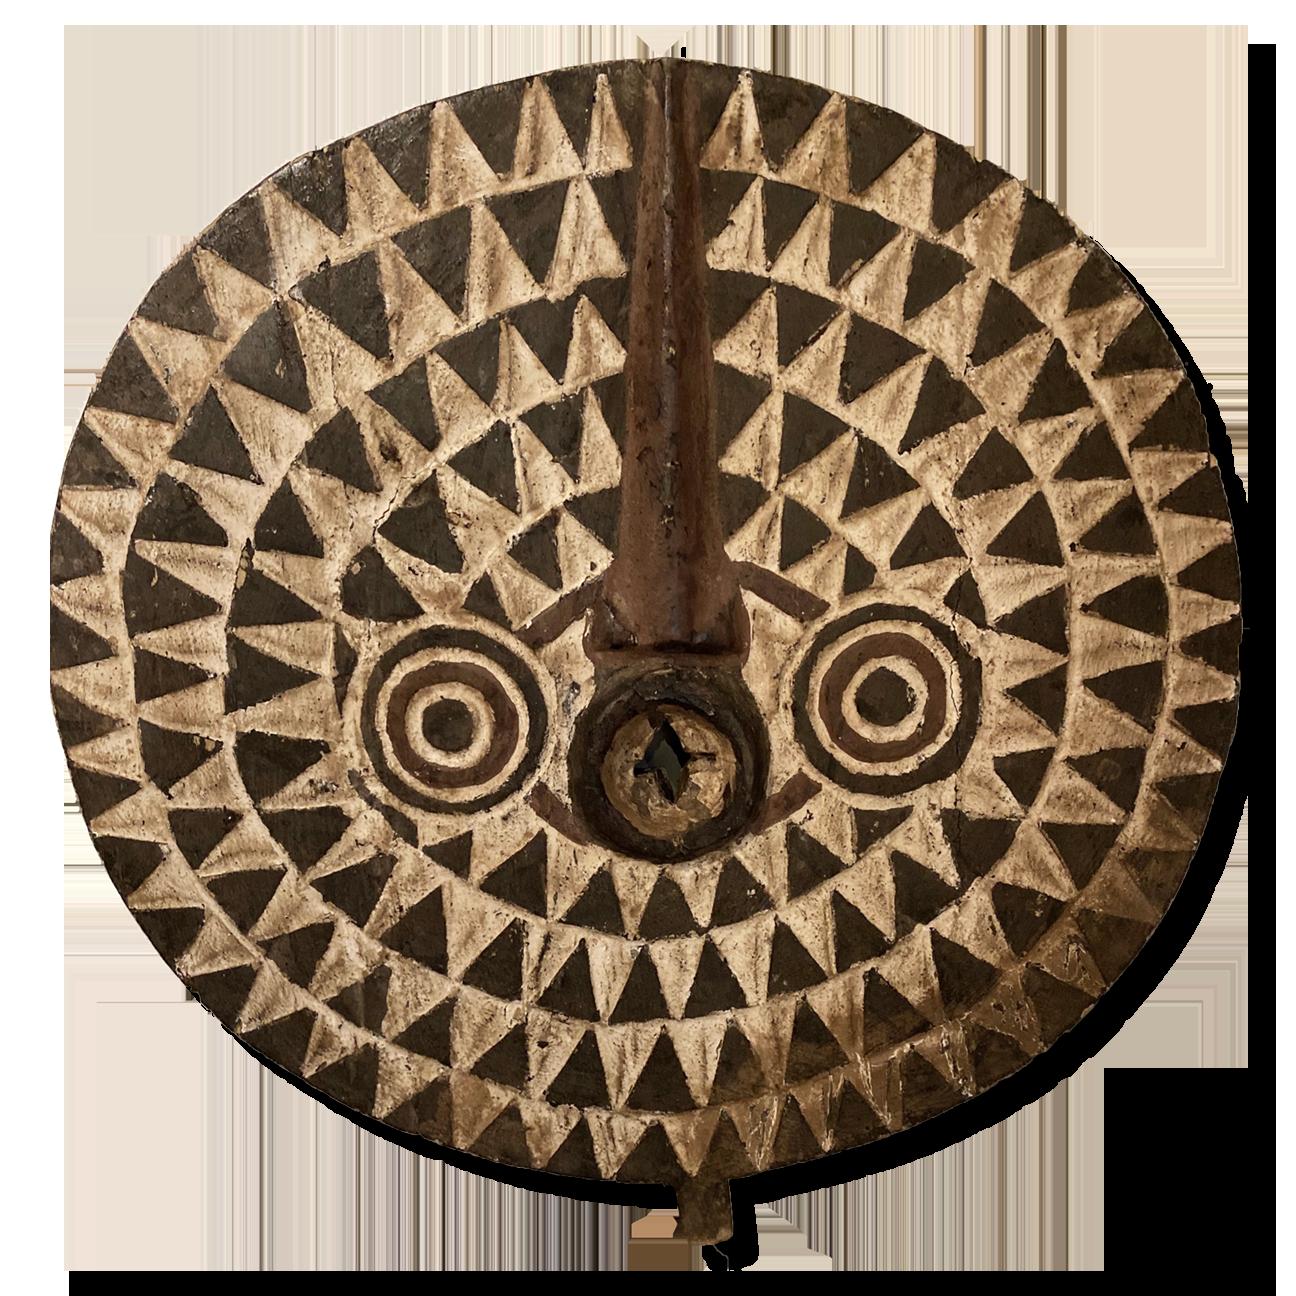 Bobo Bwa Sun Mask, Burkina Faso